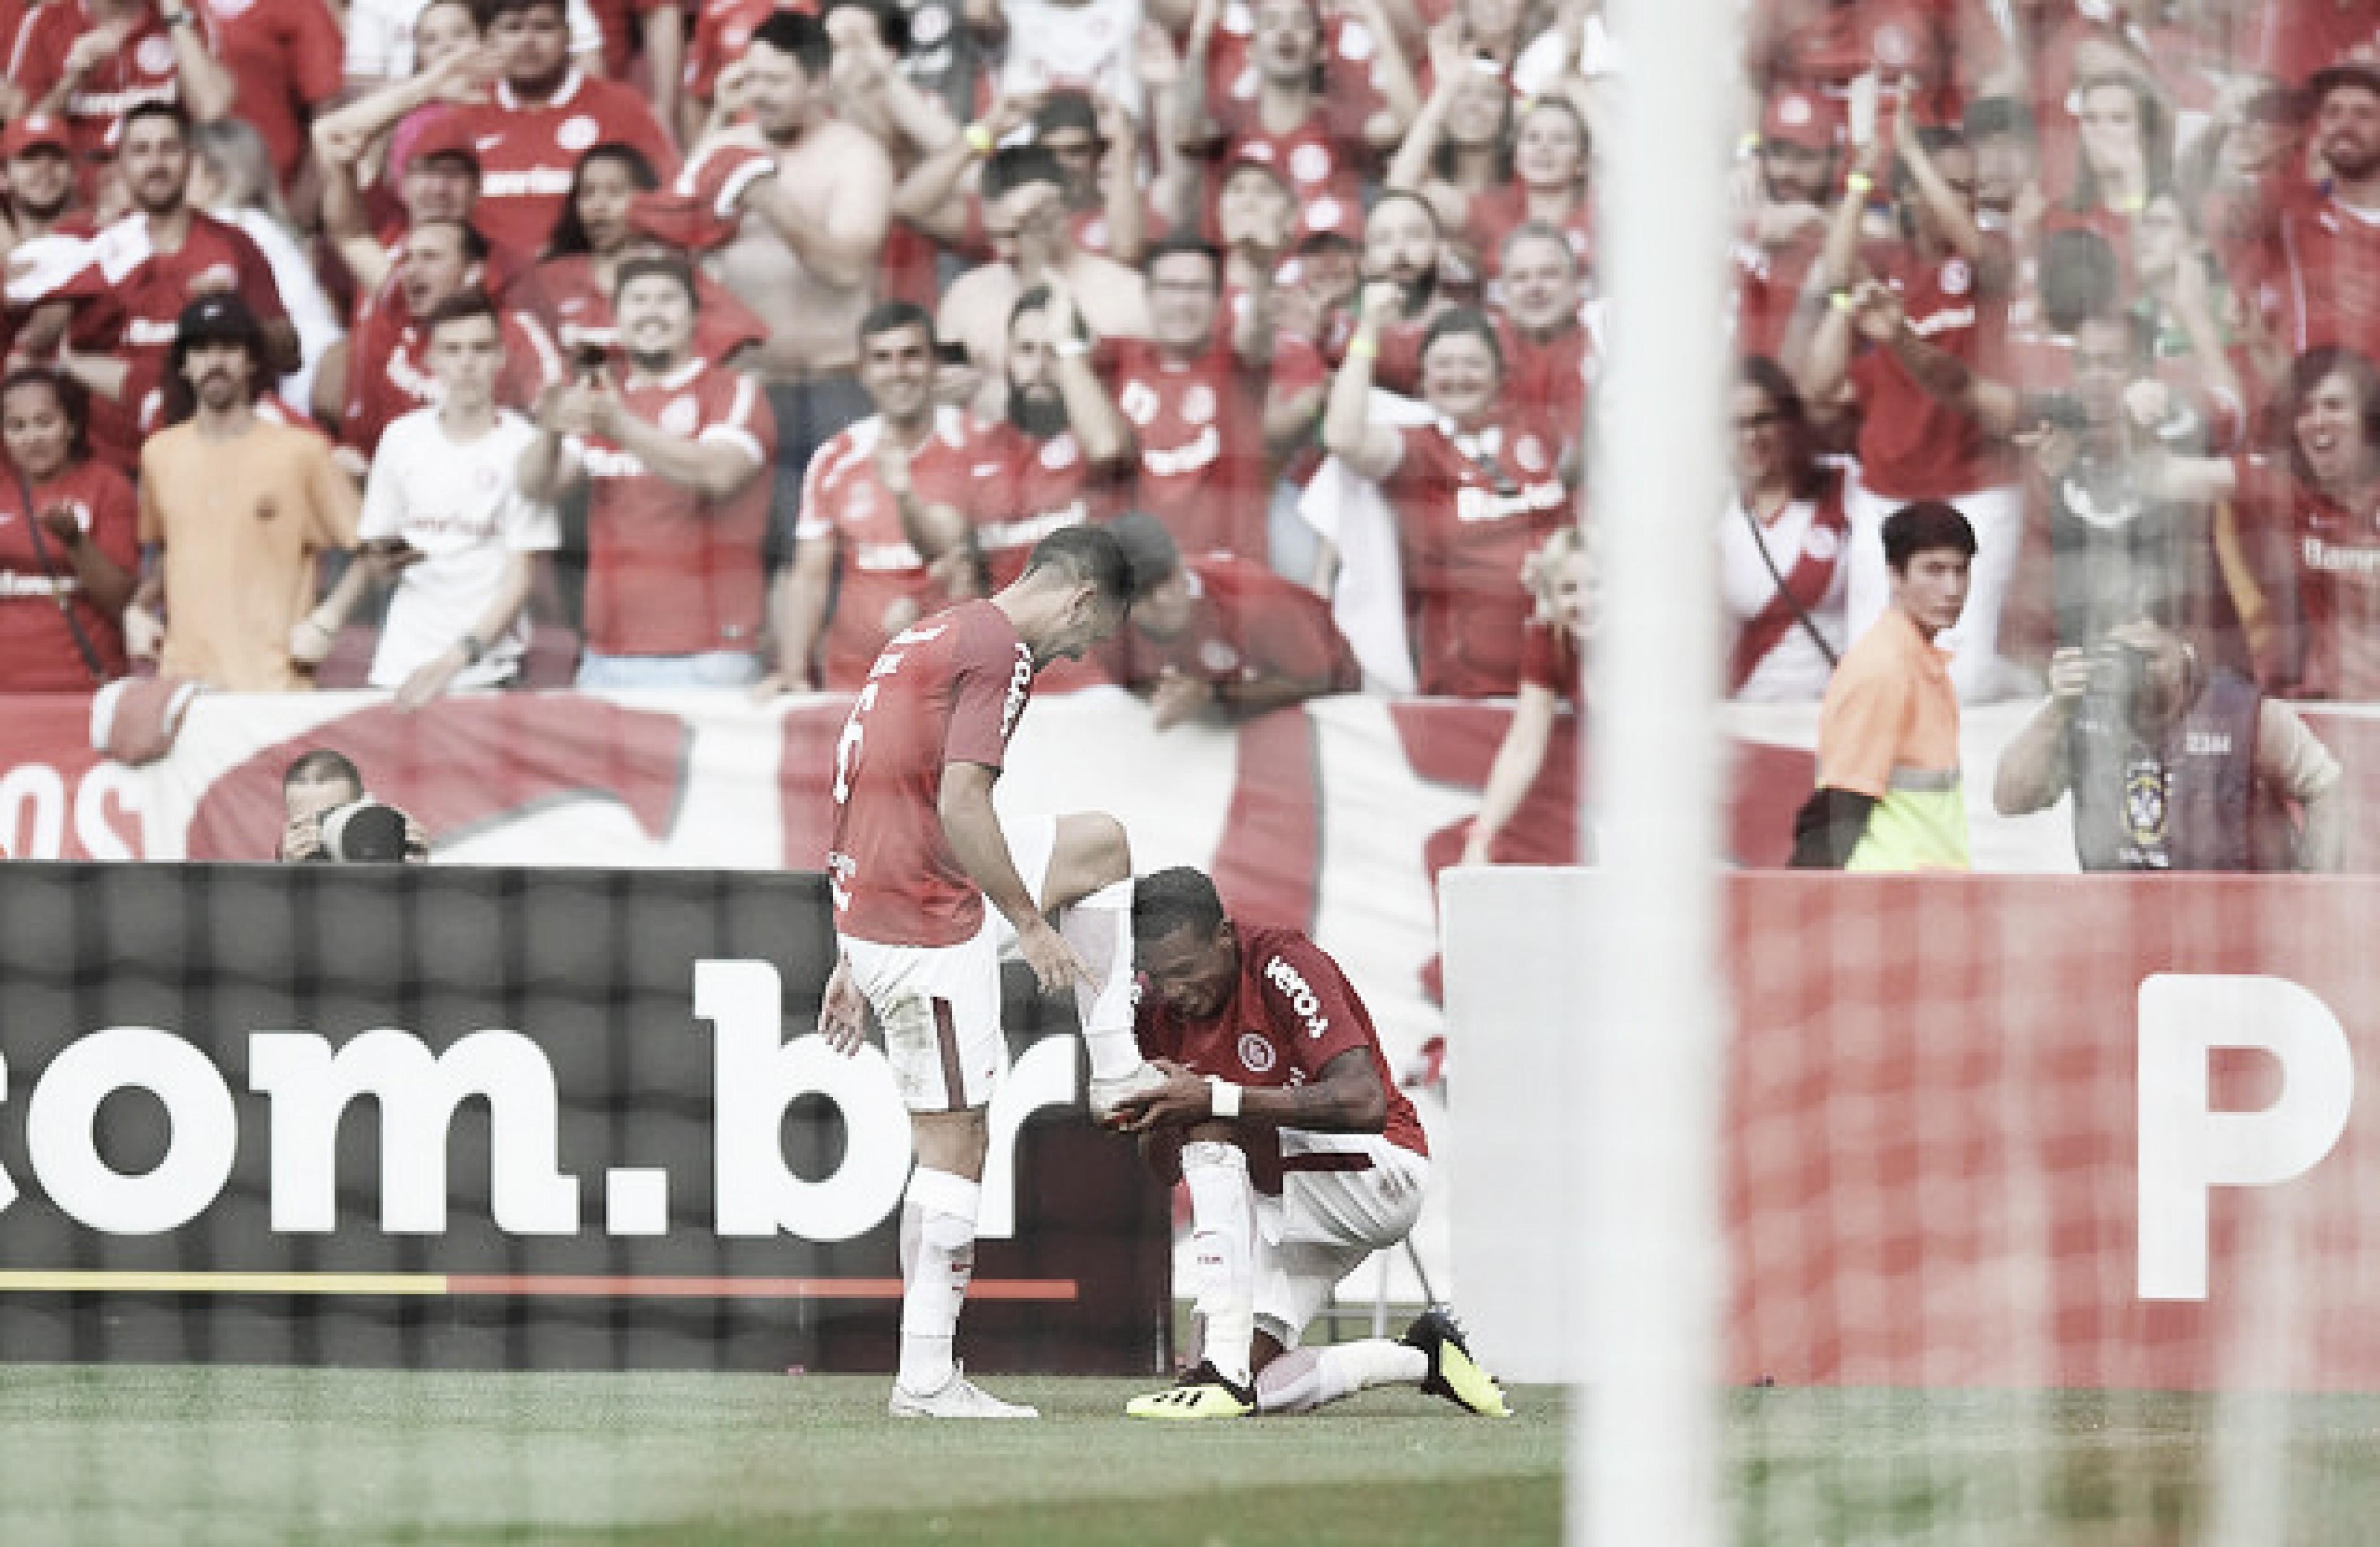 Em clássico truncado, Internacional vence Grêmio e reassume a liderança do Brasileirão